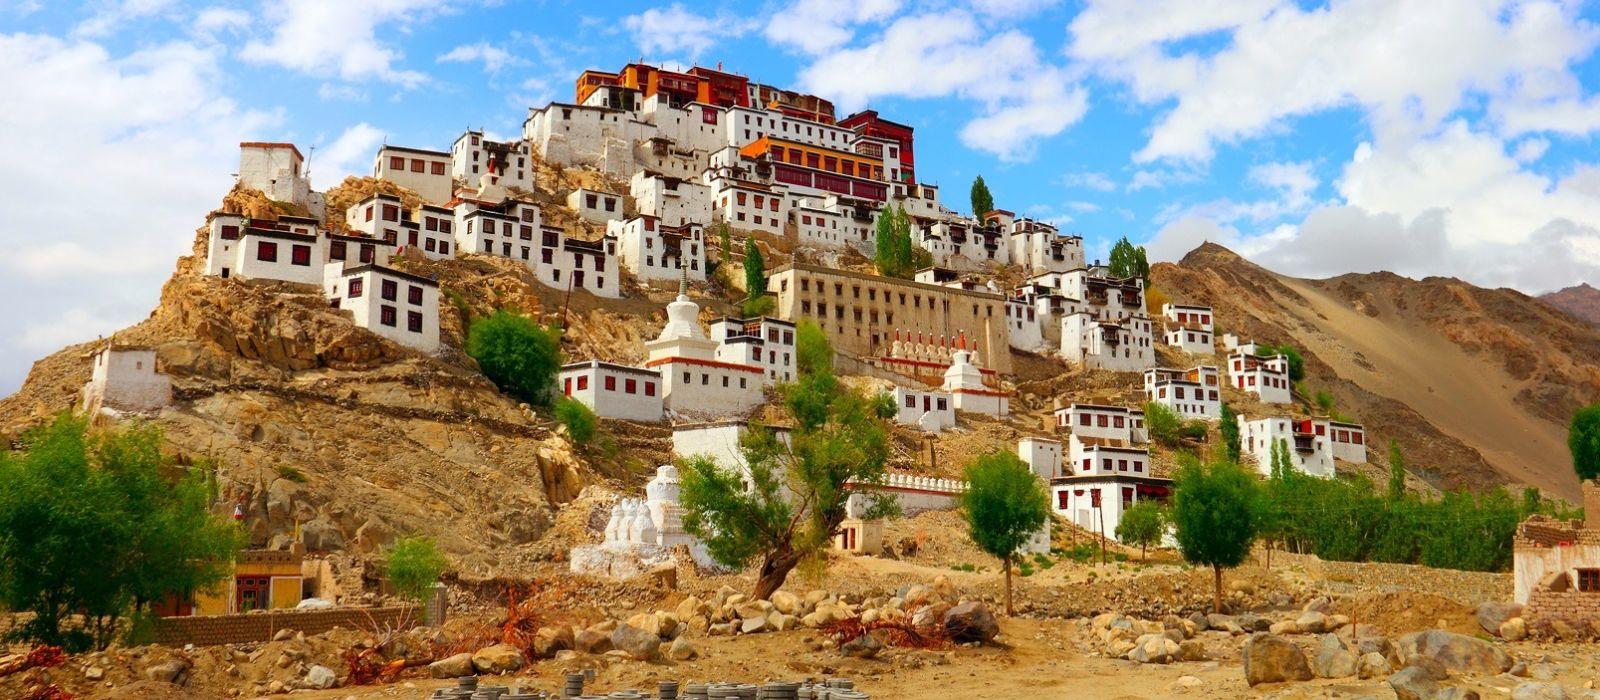 Schlafen unter Sternen auf dem Dach der Welt – Himalaya Luxusreise Urlaub 3